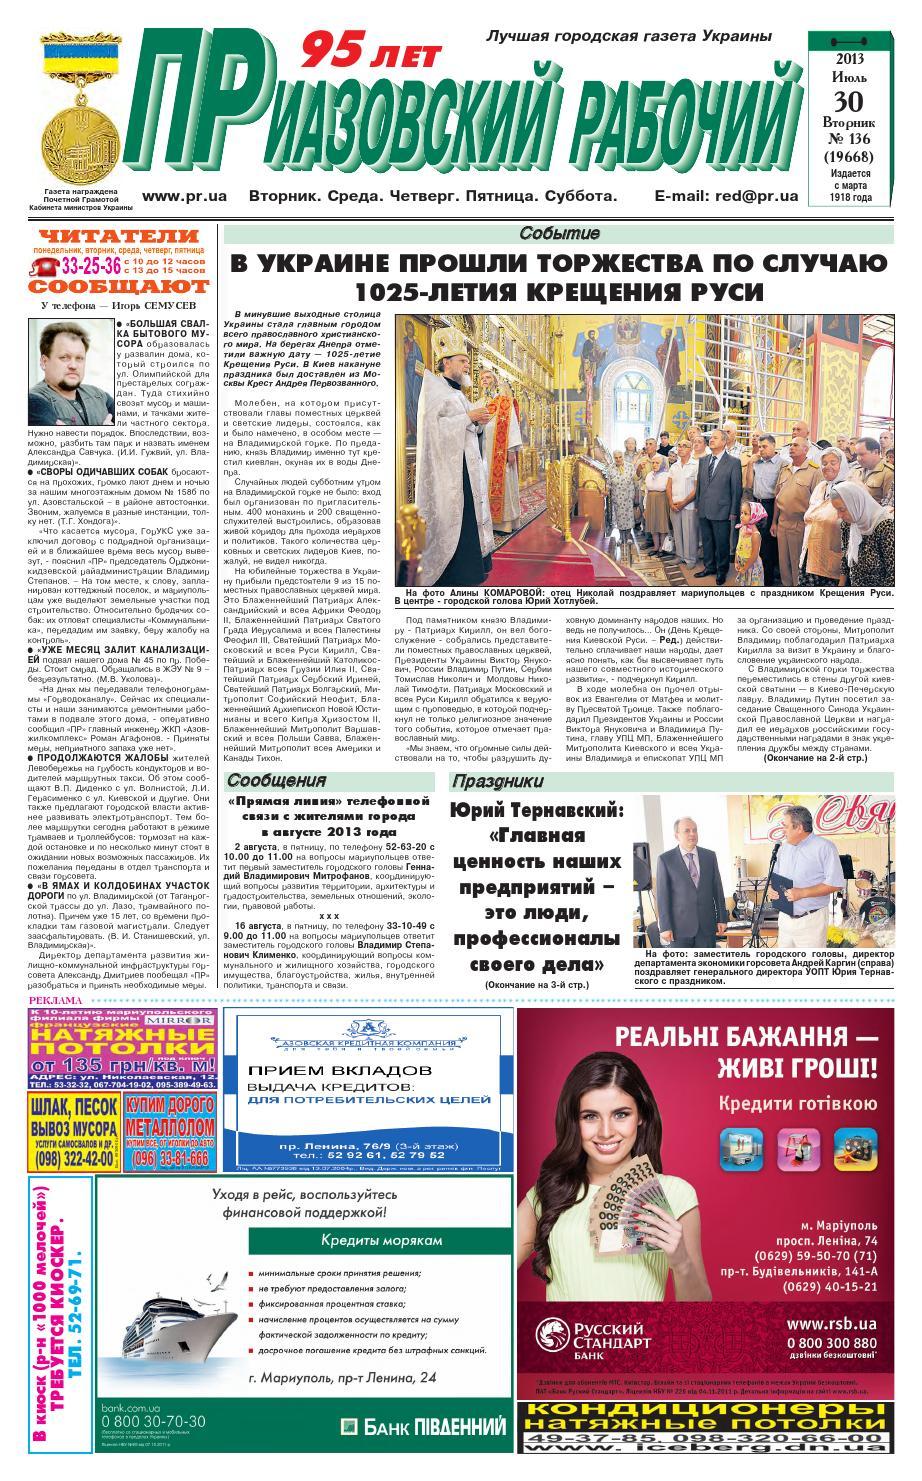 Мариуполь знакомства в газете